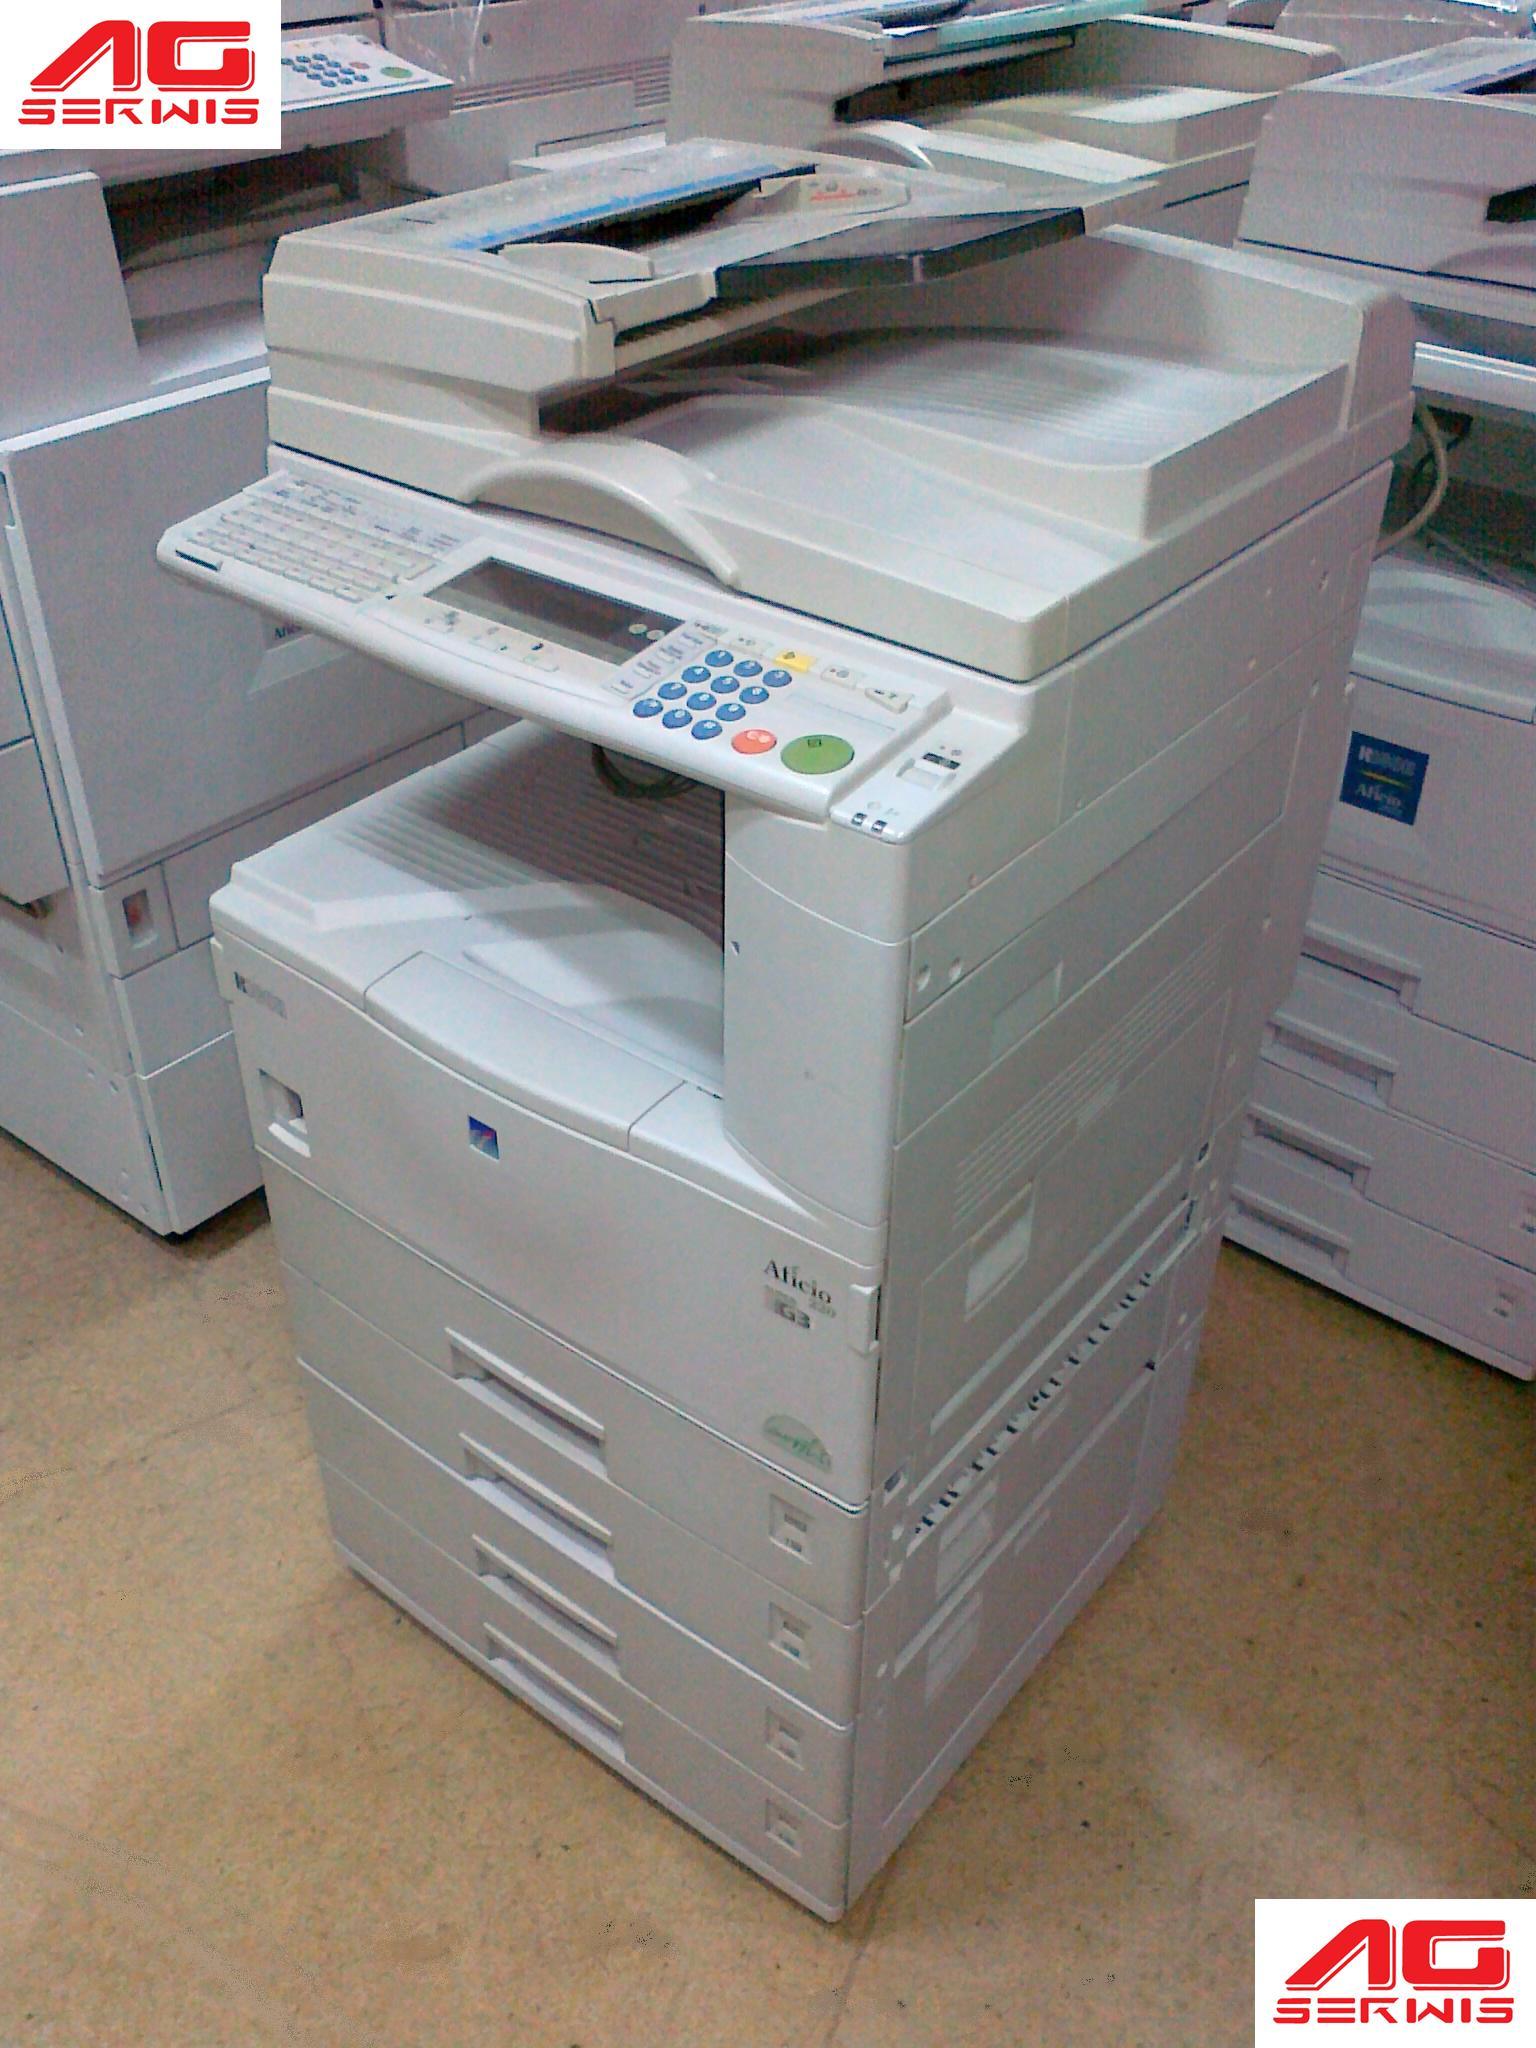 dzierżawa kopiarki